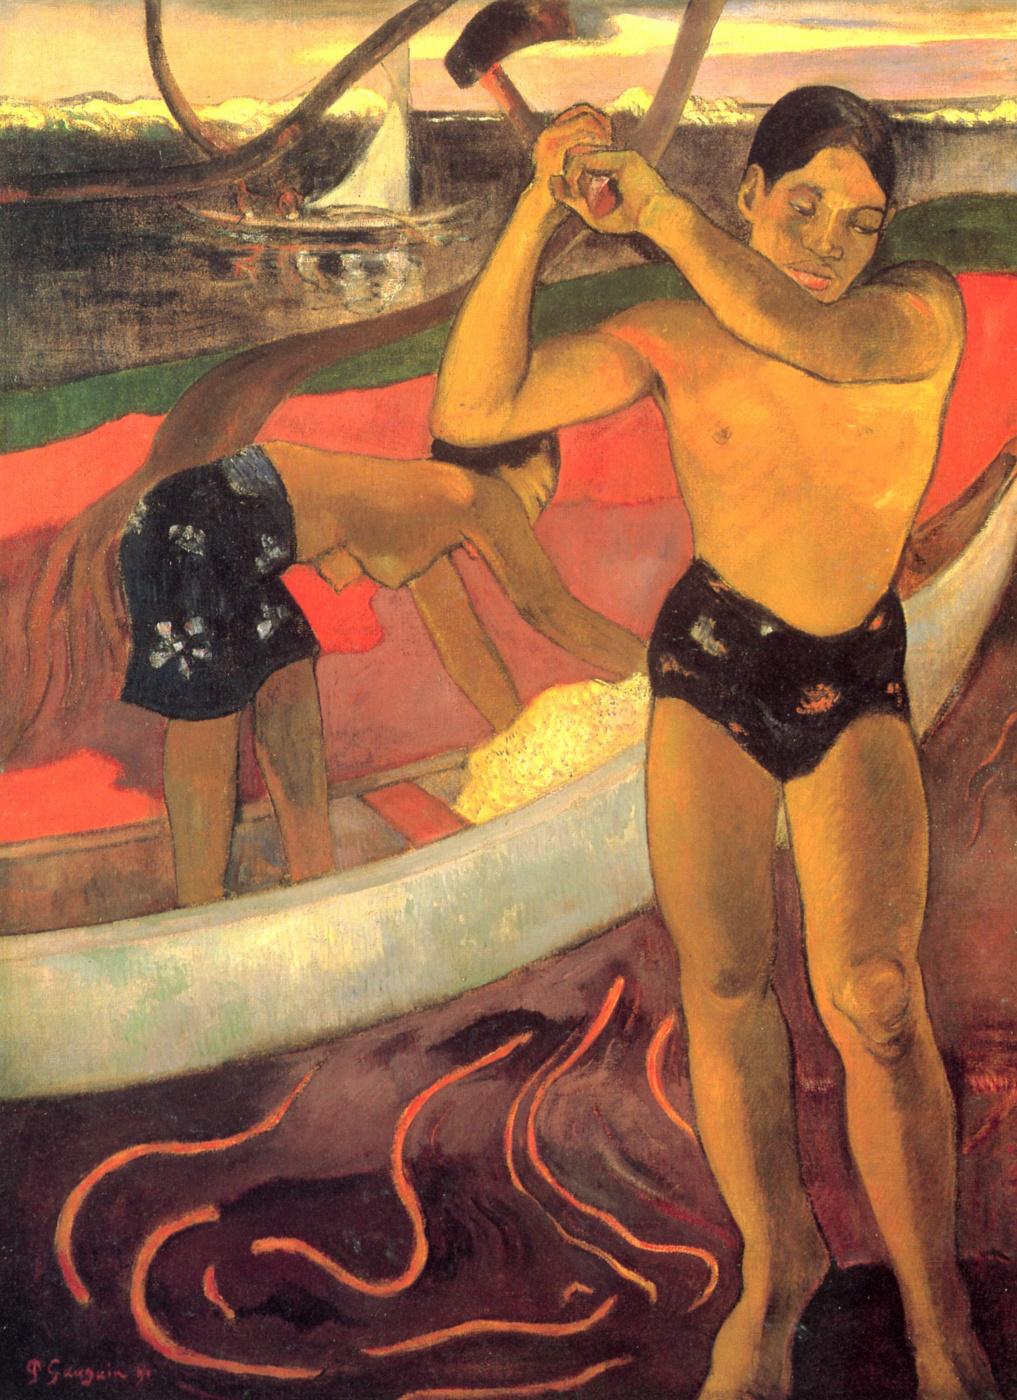 Paul Gauguin. A man with an axe